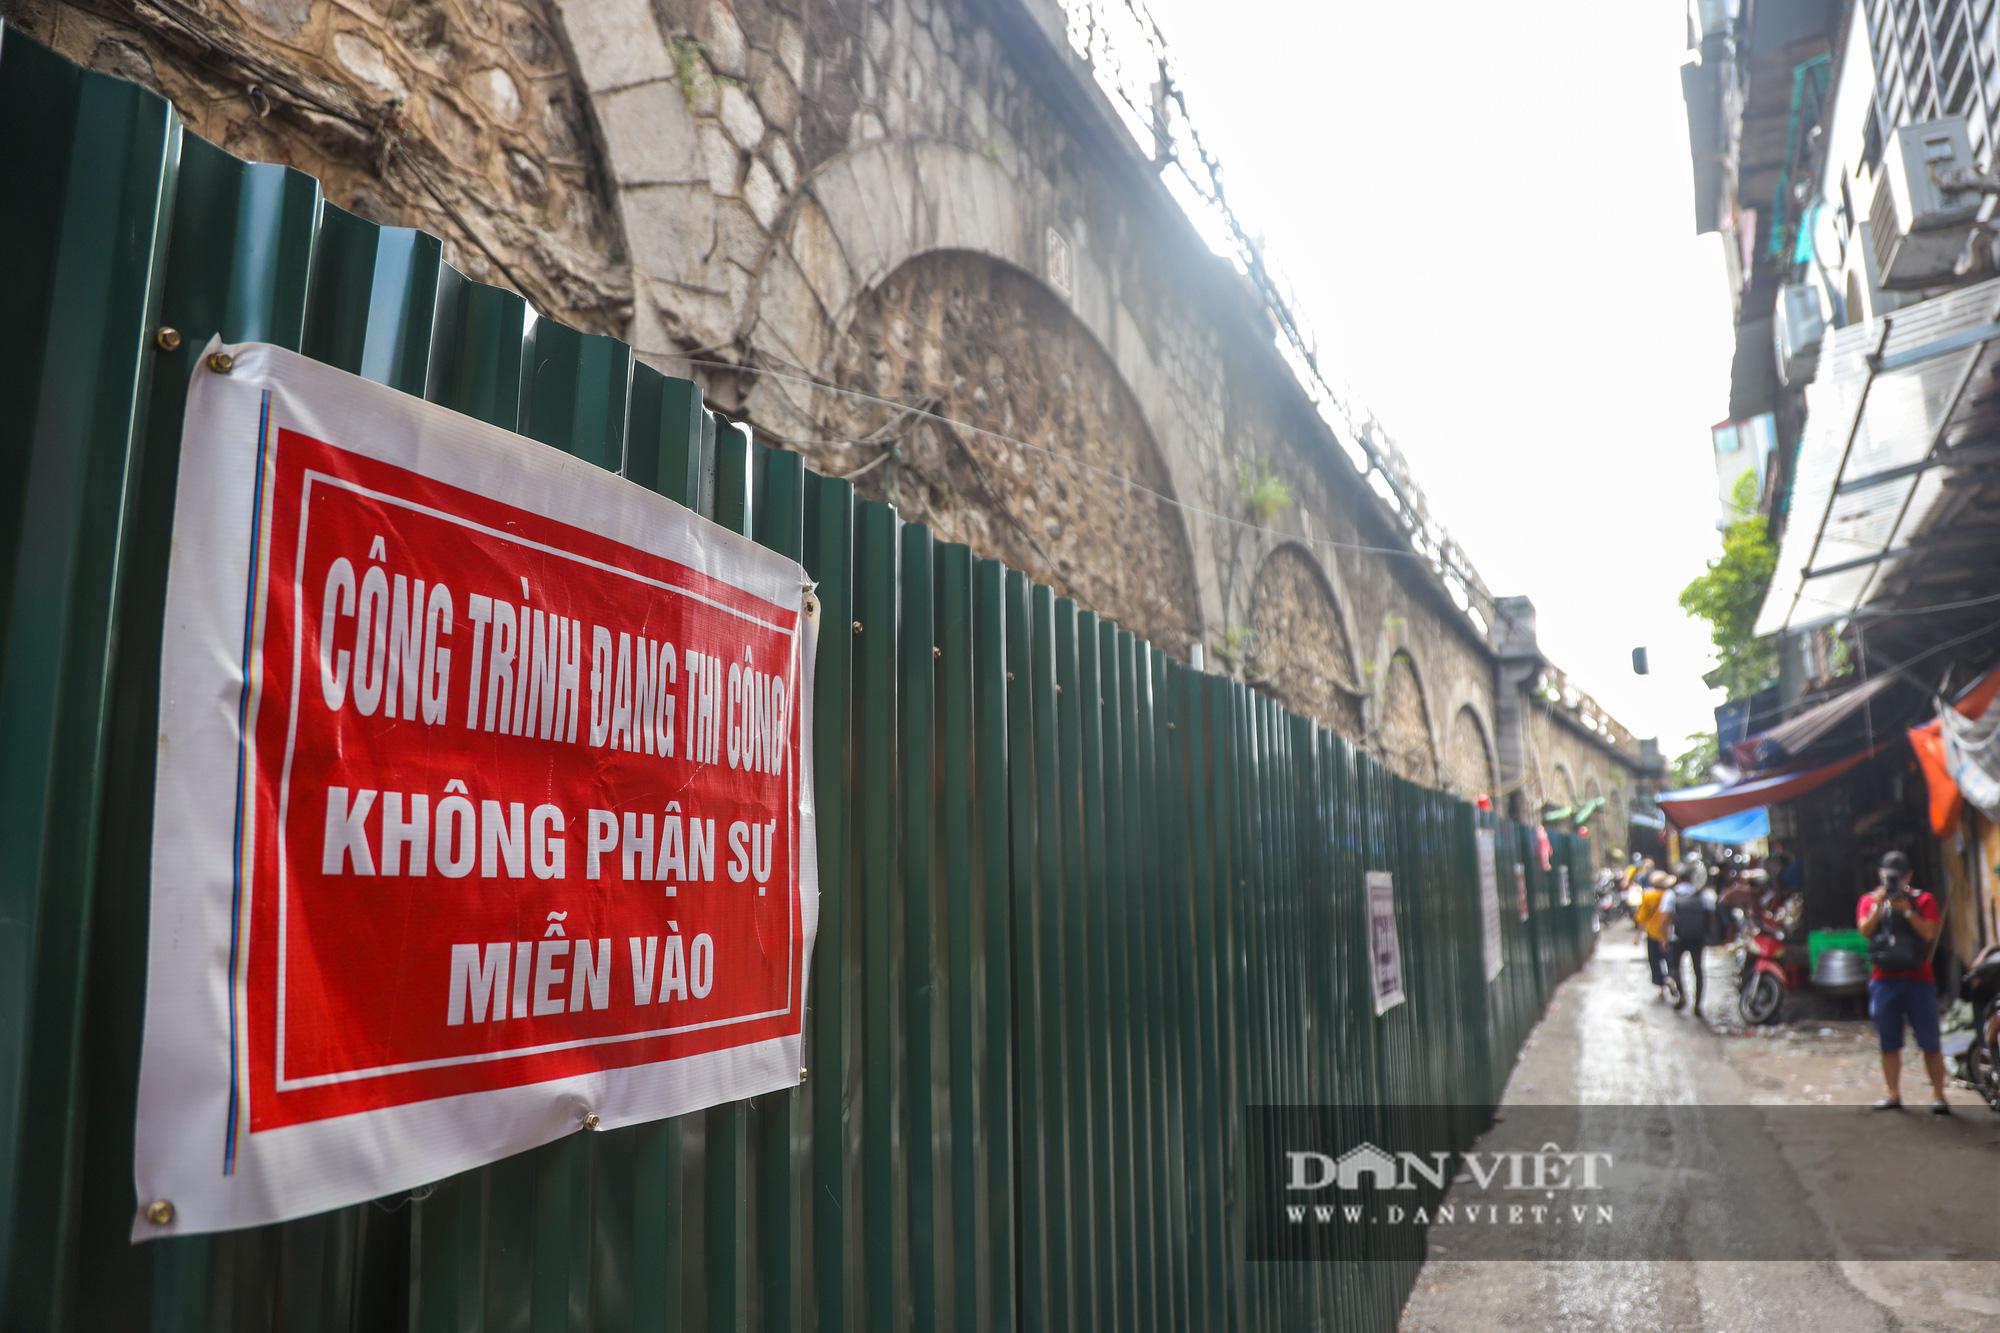 Hà Nội: Tiến hành thi công đục thông 5 vòm cầu Phùng Hưng - Ảnh 8.